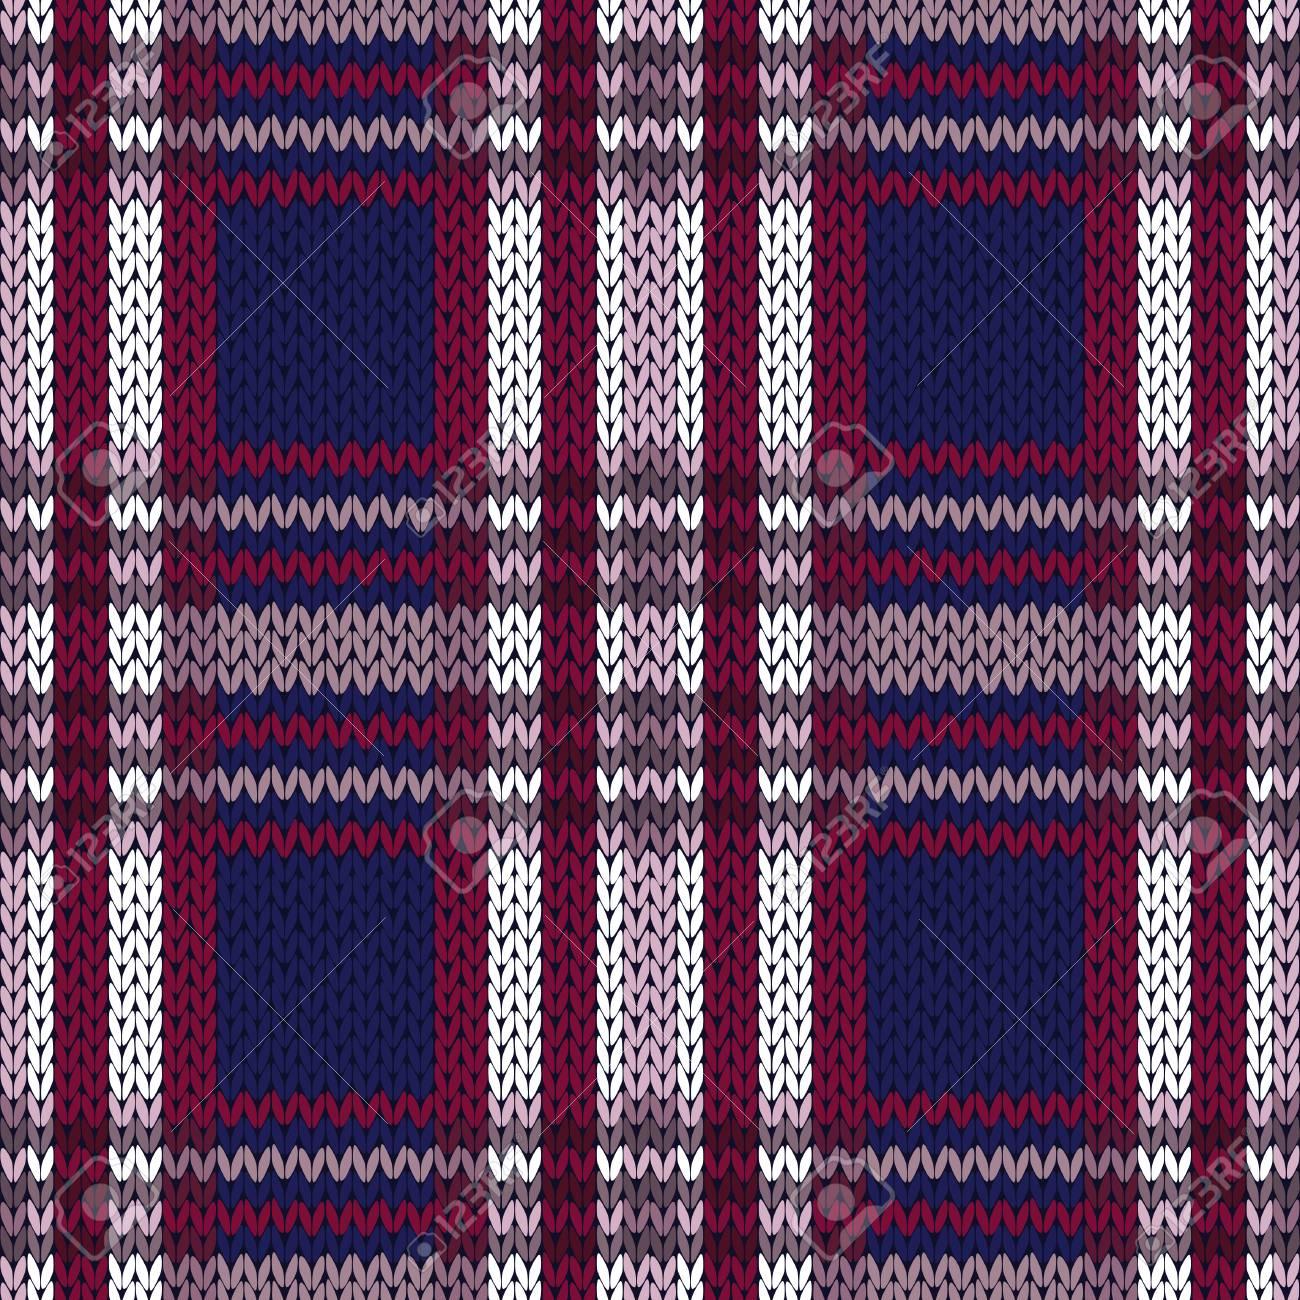 Seamless Knitted Vector Pattern As A Woollen Celtic Tartan Plaid